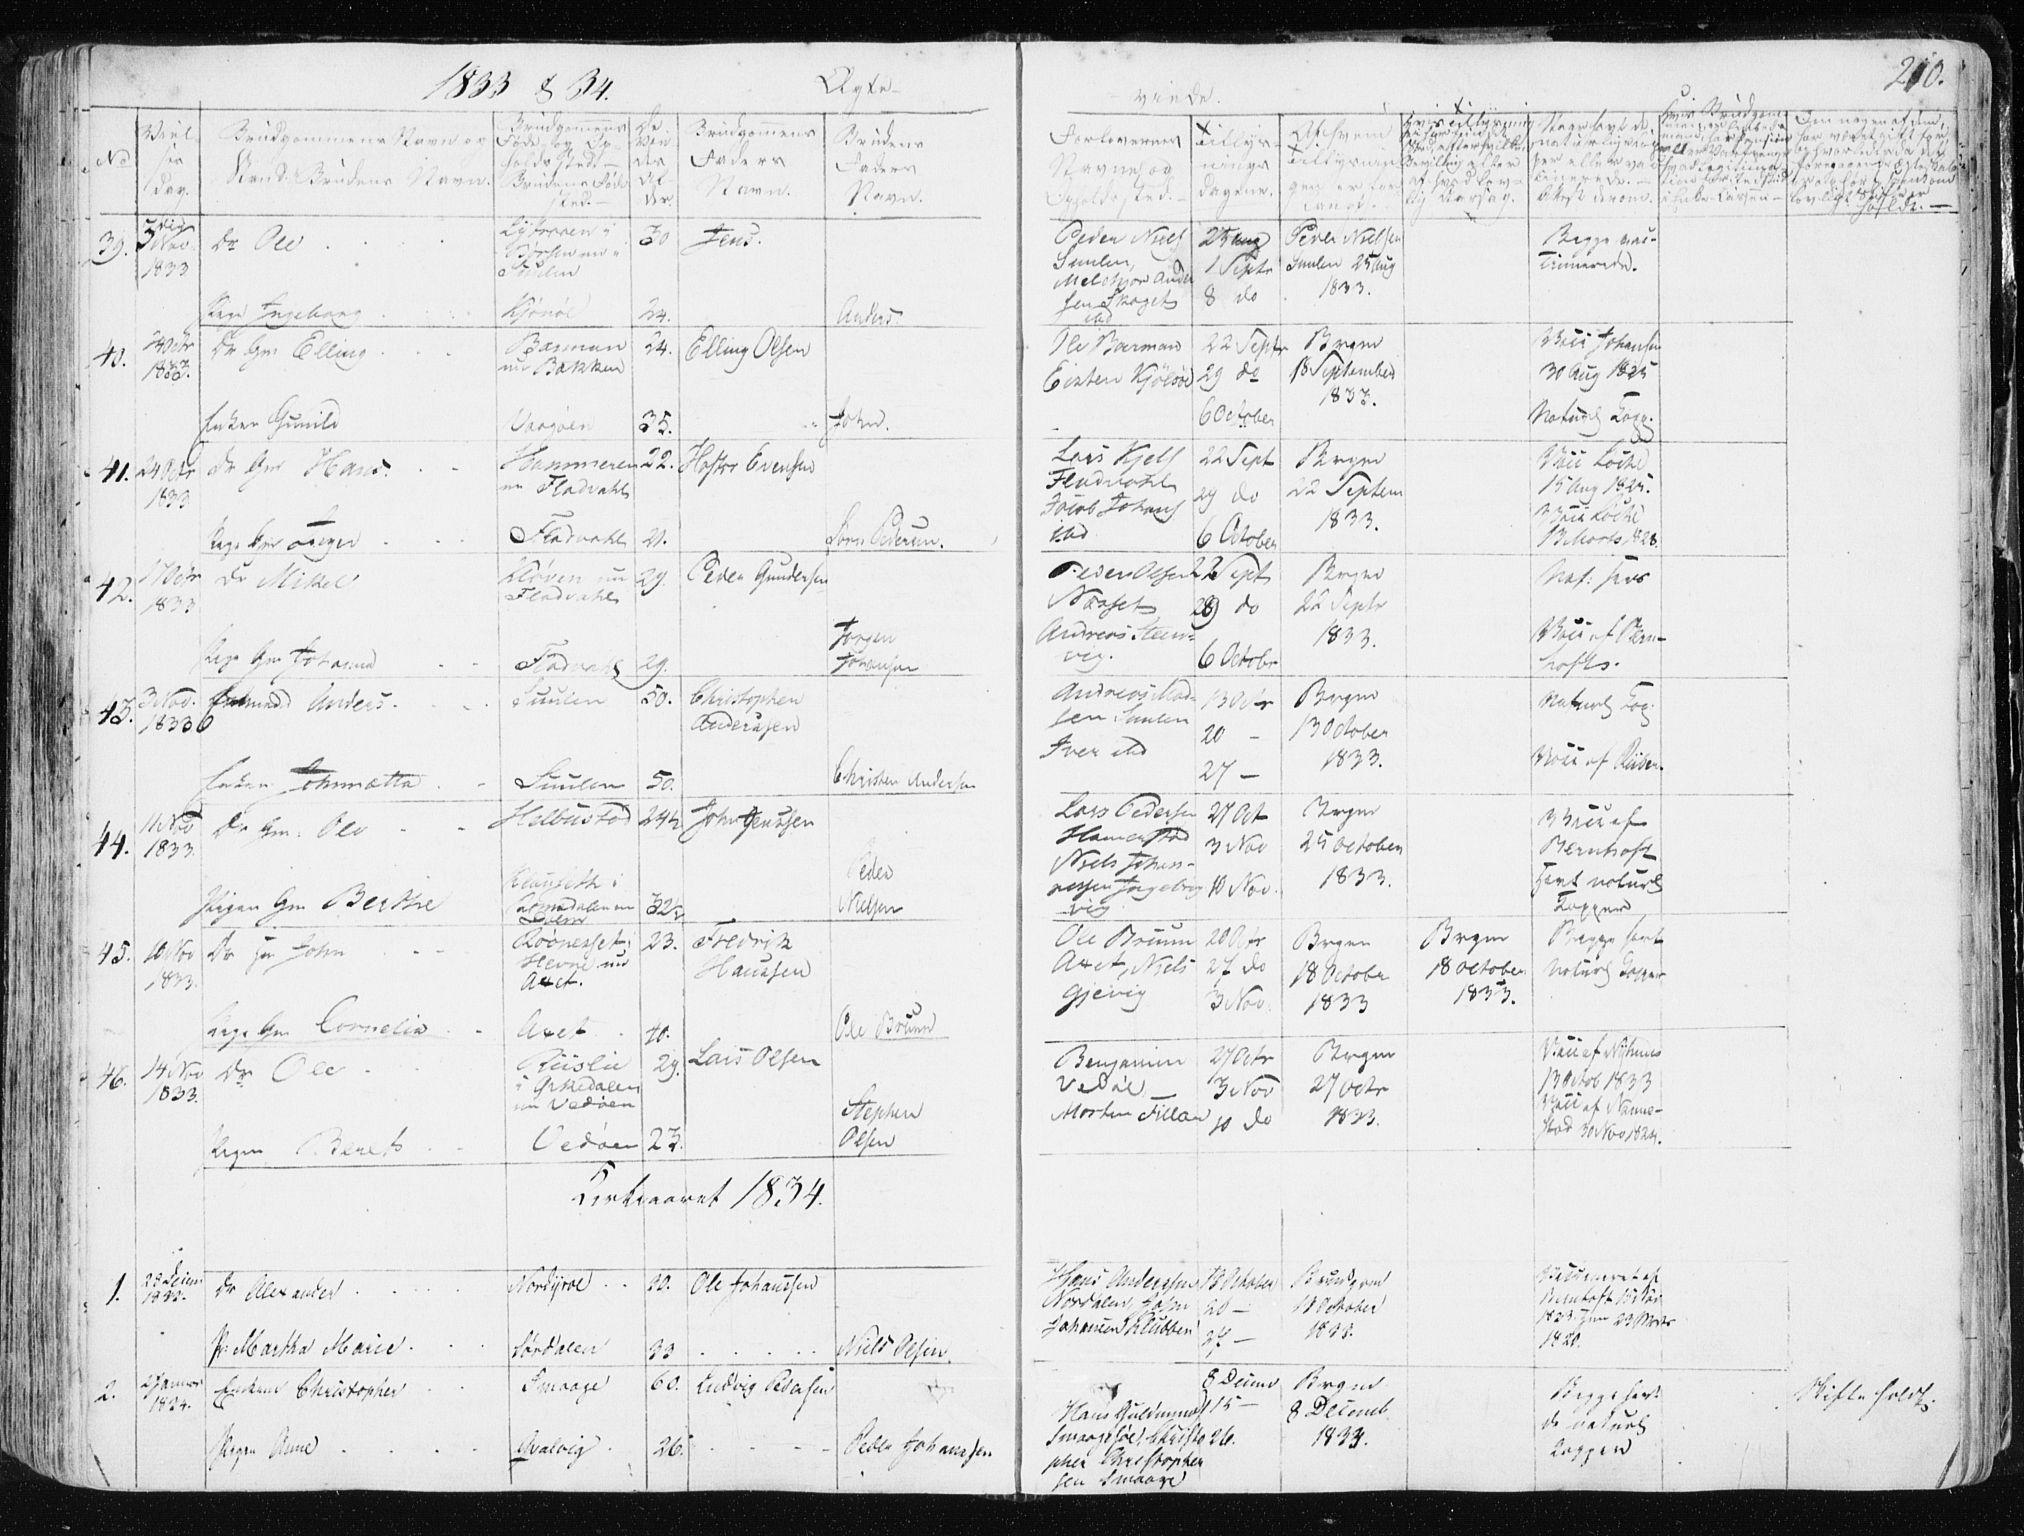 SAT, Ministerialprotokoller, klokkerbøker og fødselsregistre - Sør-Trøndelag, 634/L0528: Ministerialbok nr. 634A04, 1827-1842, s. 210